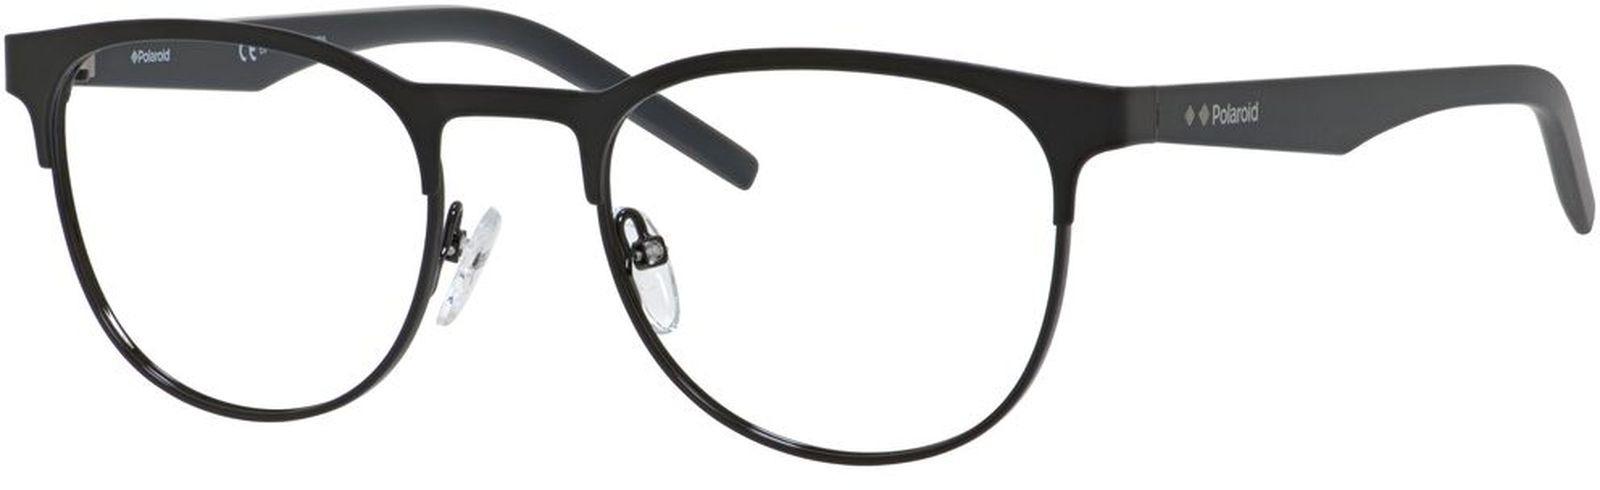 Оправа для очков женская Polaroid D326 , PLD-1003220035020, черный polaroid pld d203 dl5